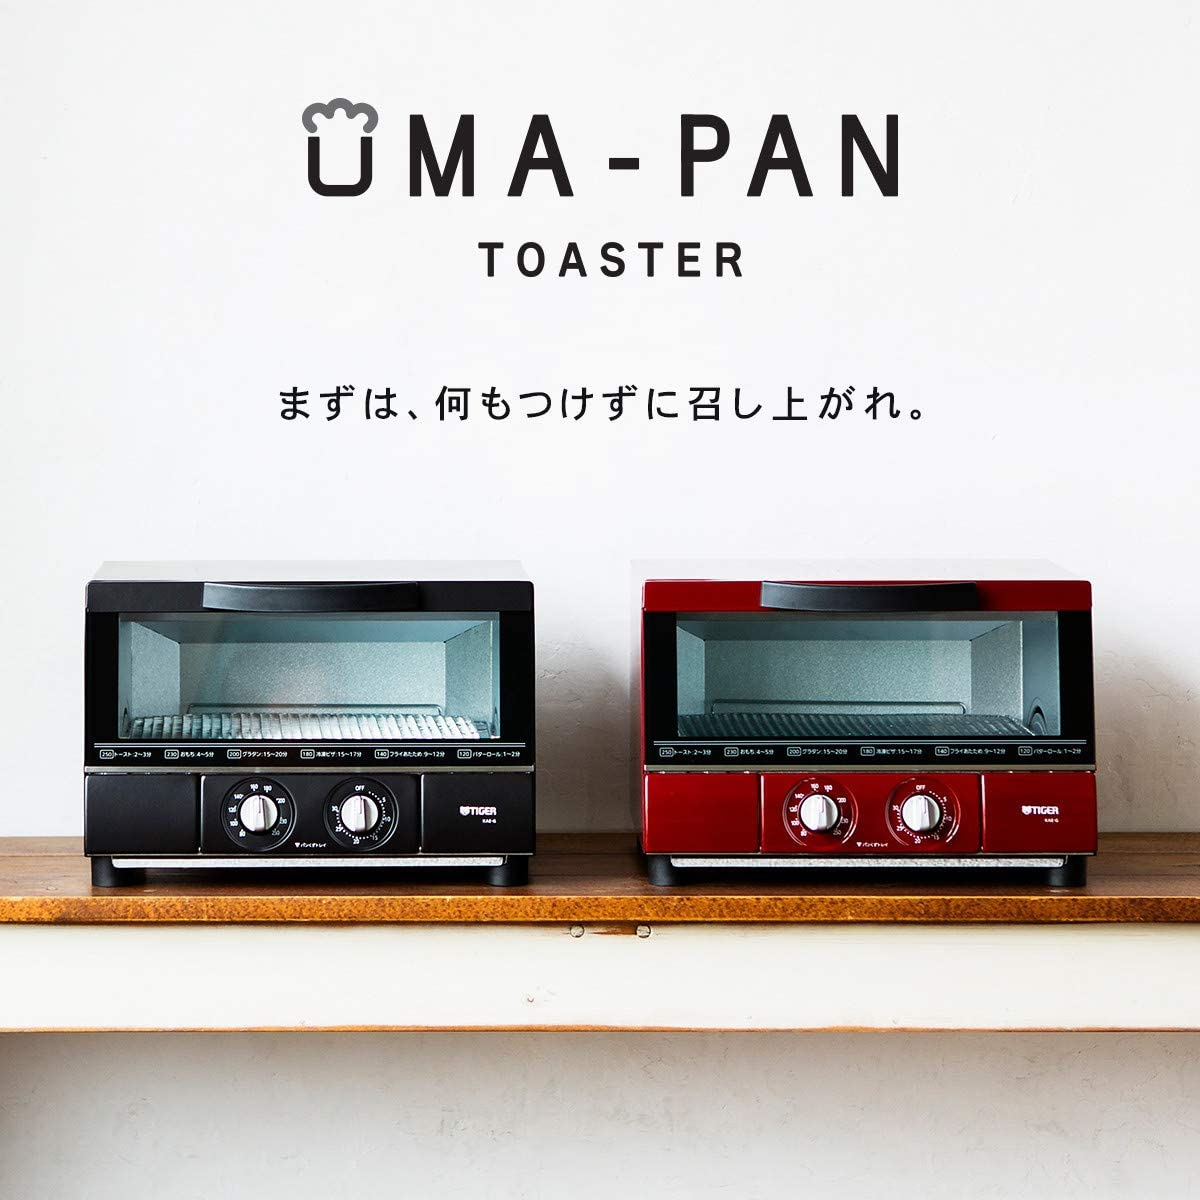 タイガー魔法瓶(たいがーまほうびん)オーブントースターKAE-G13Nの商品画像2